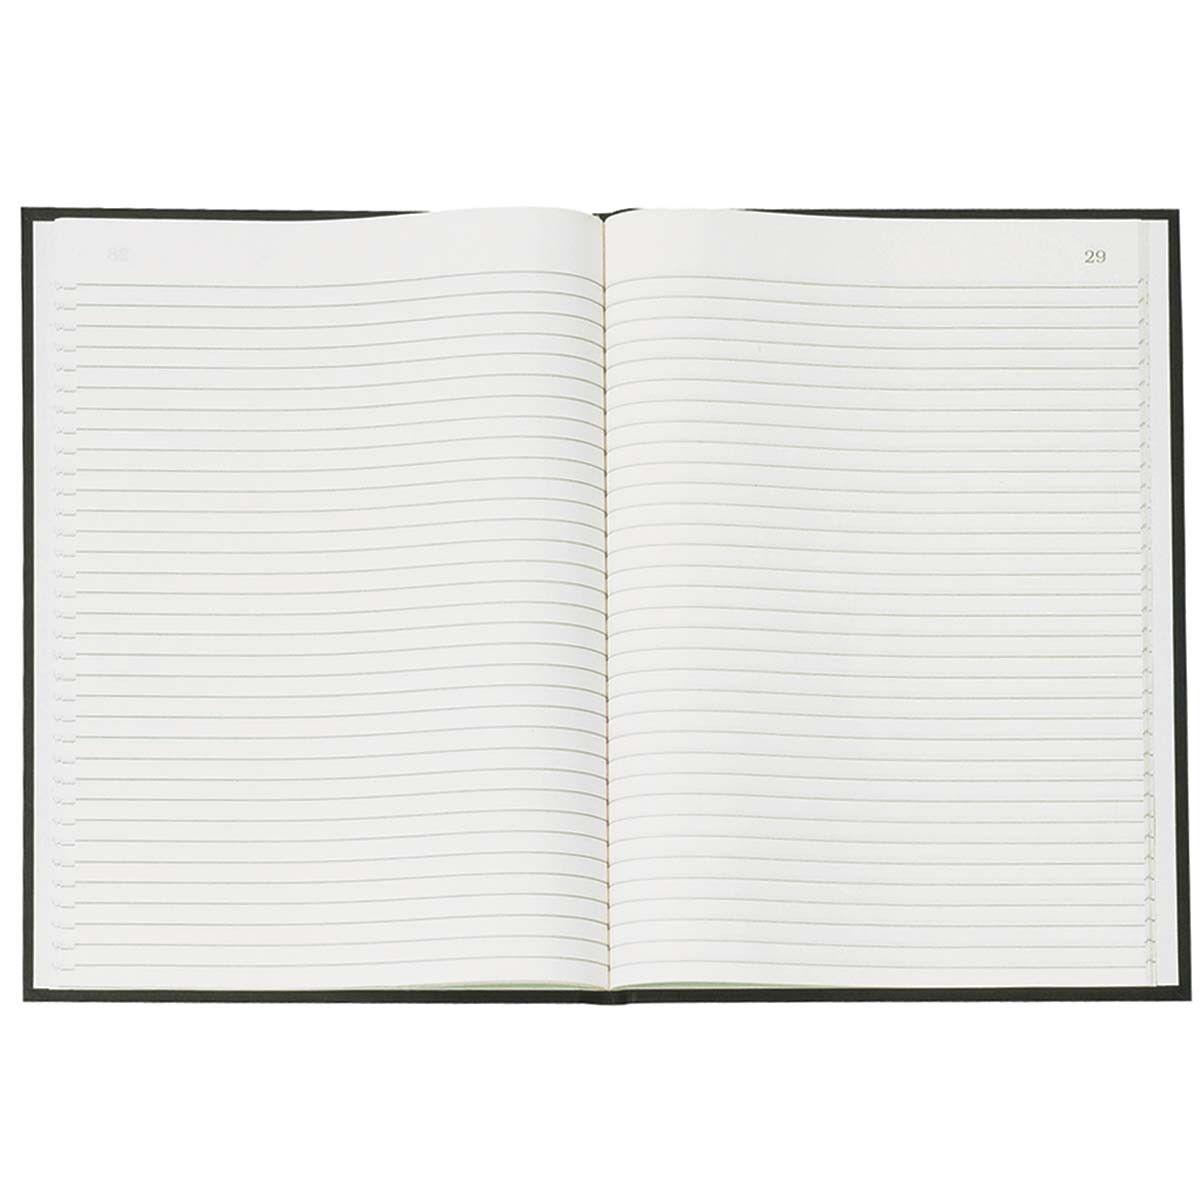 Livro Atas Sem Margem com 100 Fls 120596 Tilibra 01691